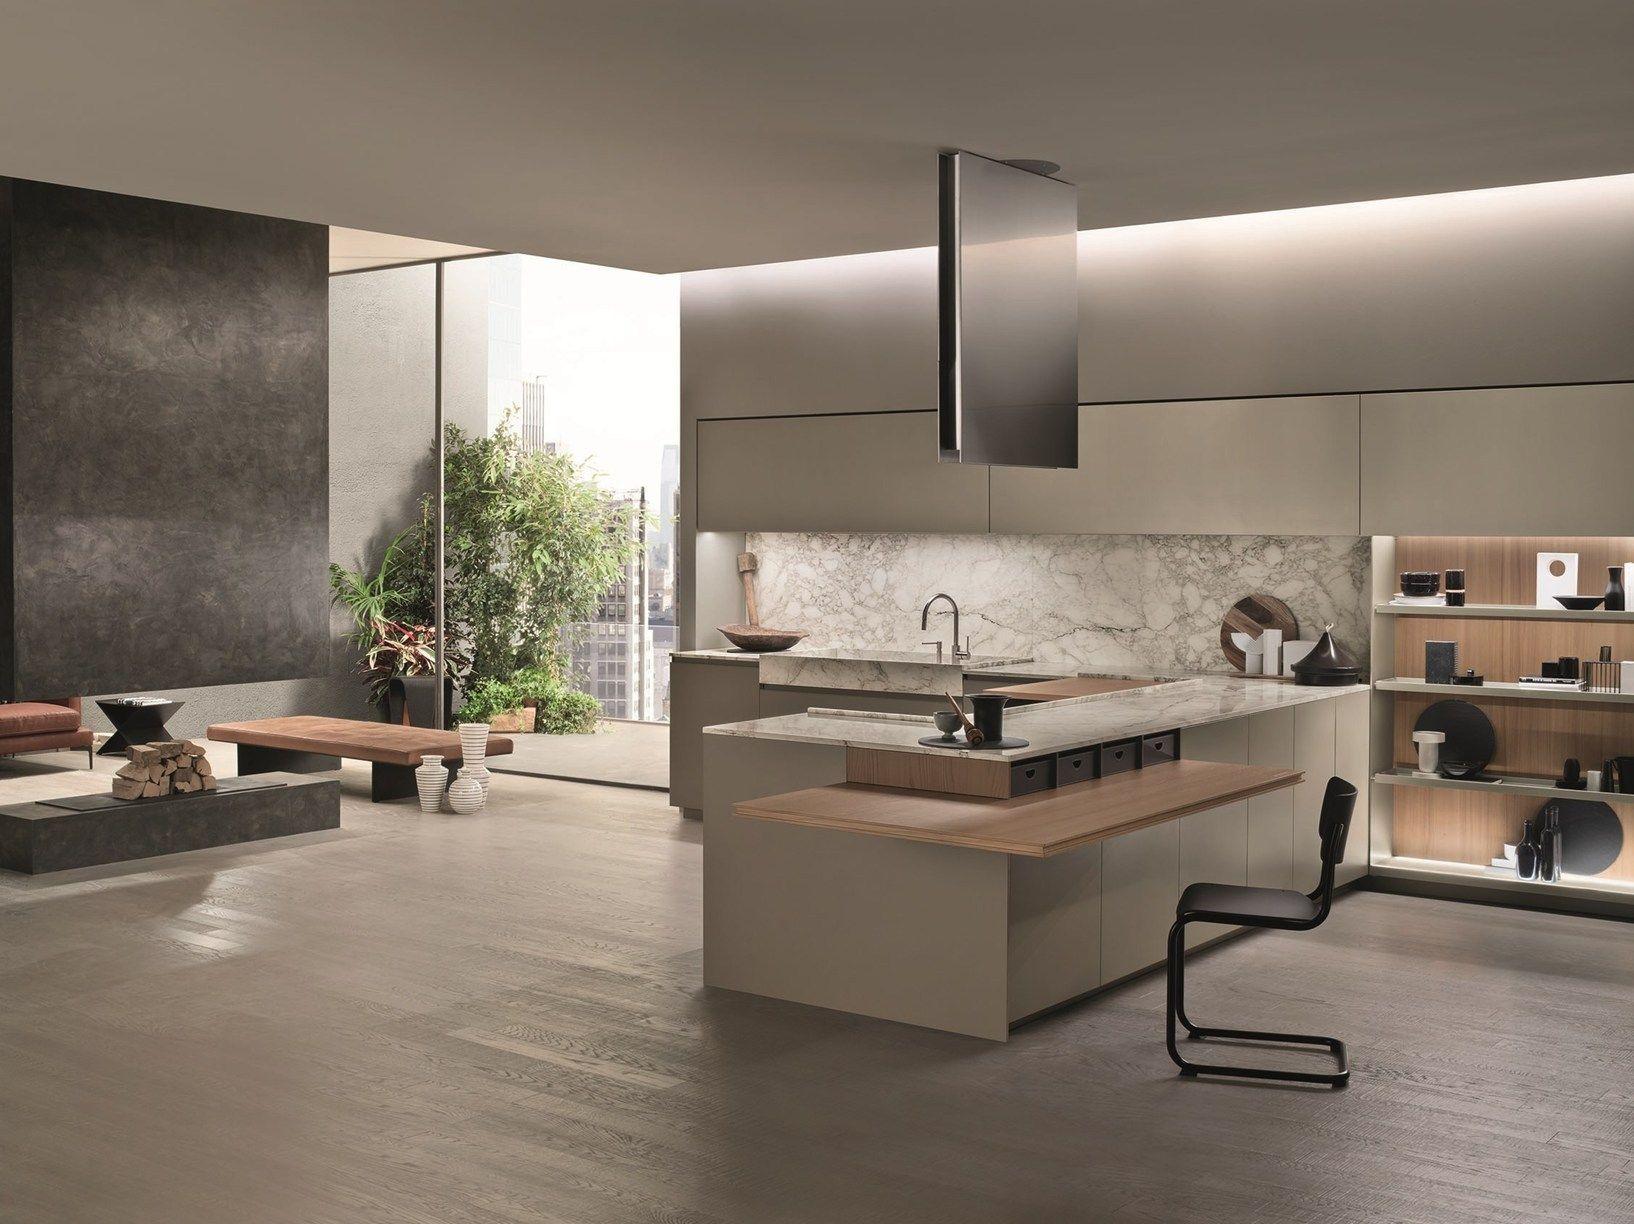 Soul di ernestomeda si arrichisce con nuovi elementi for Marche arredamento design